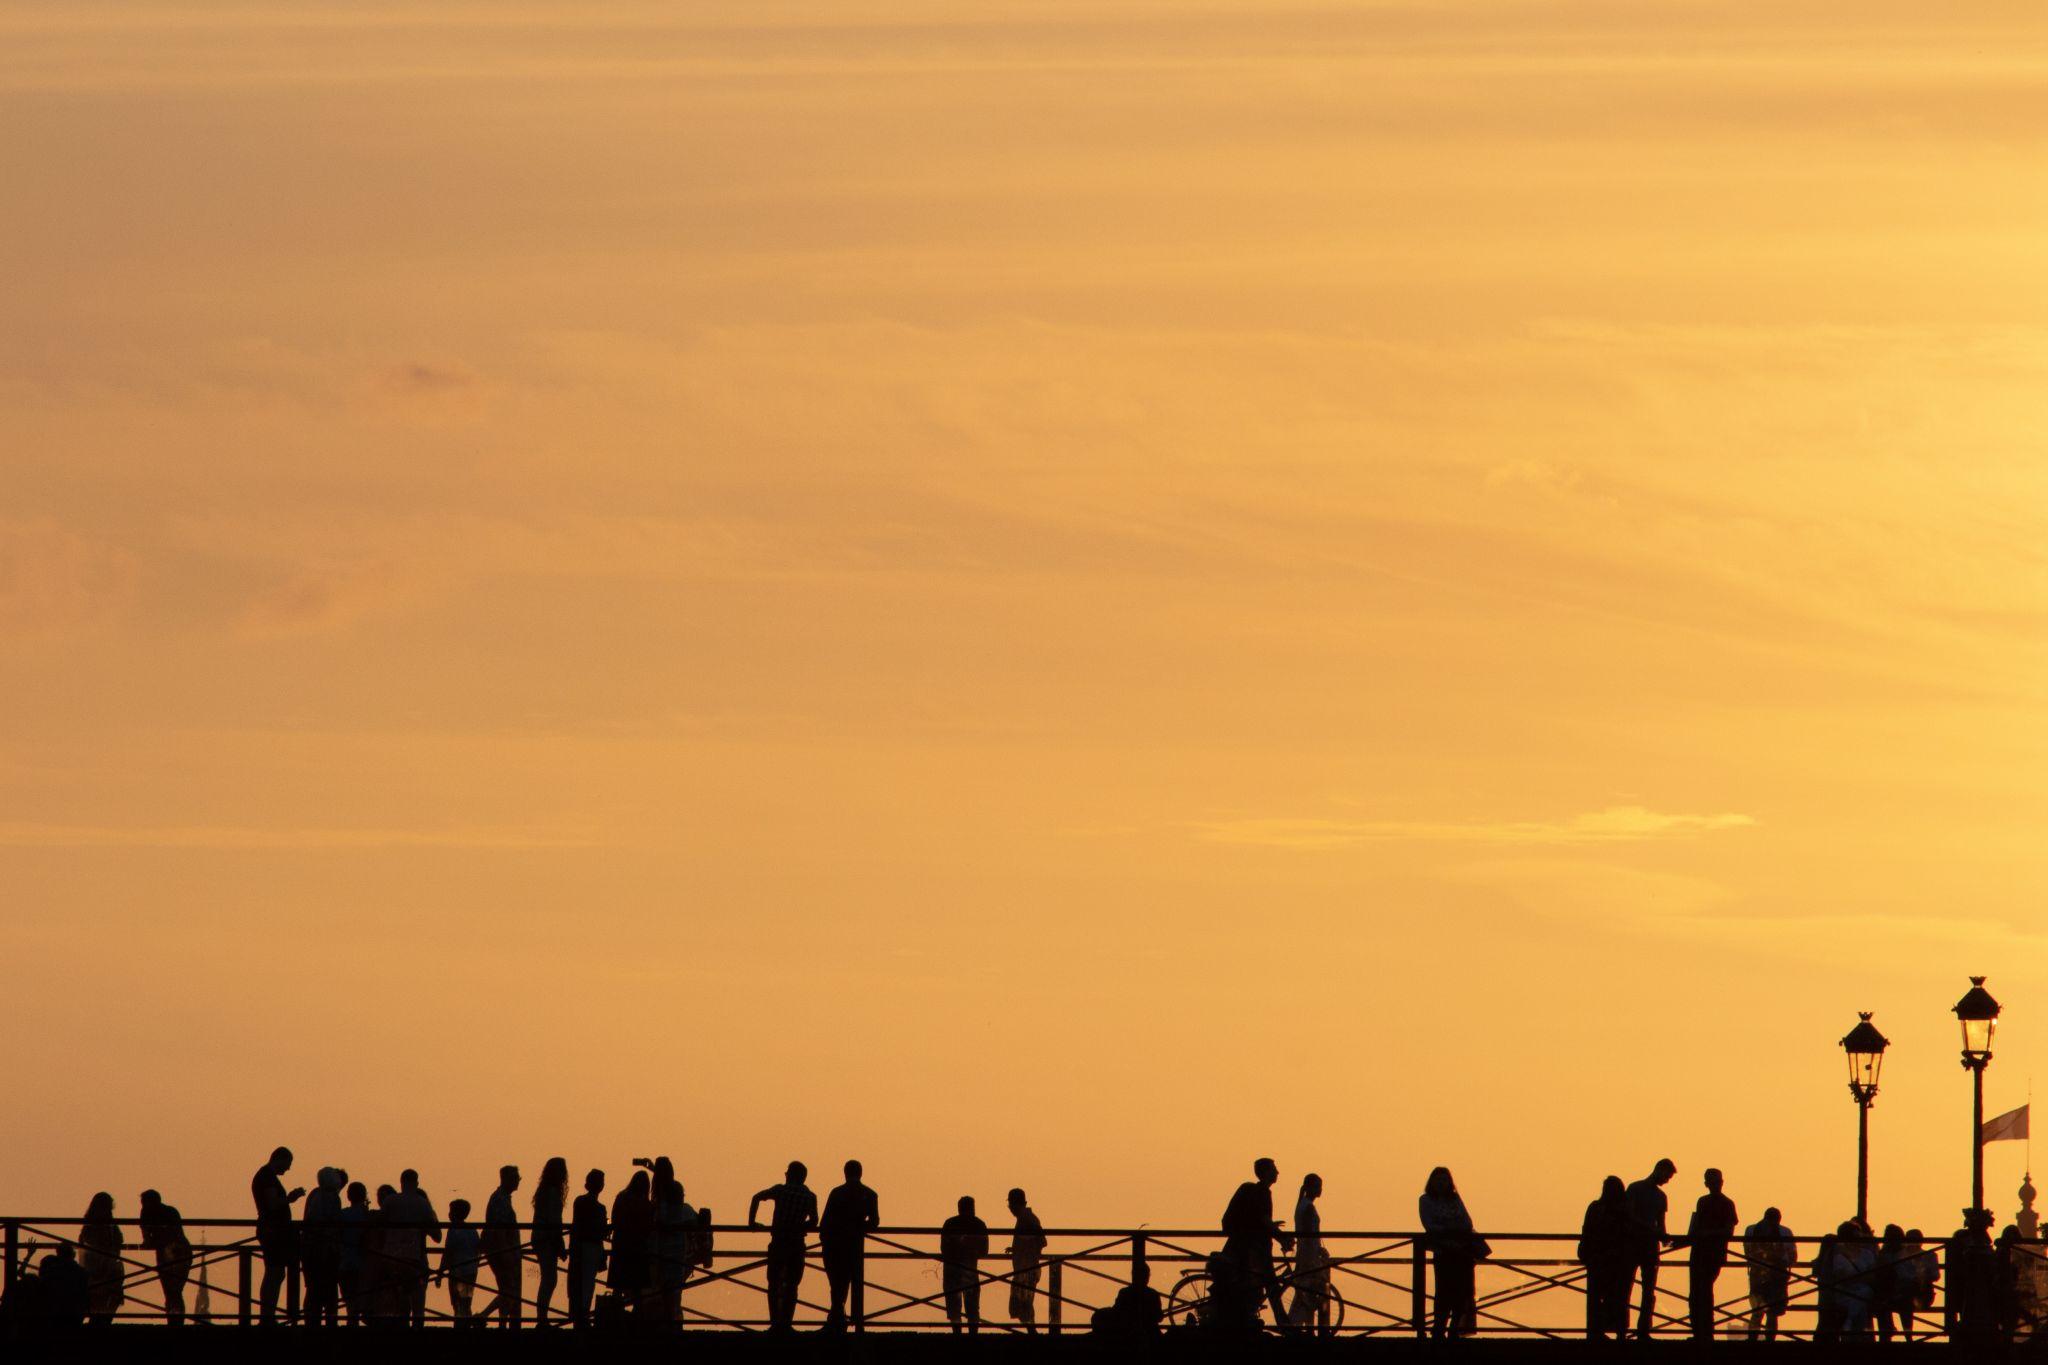 Pont des Arts at sunset, France